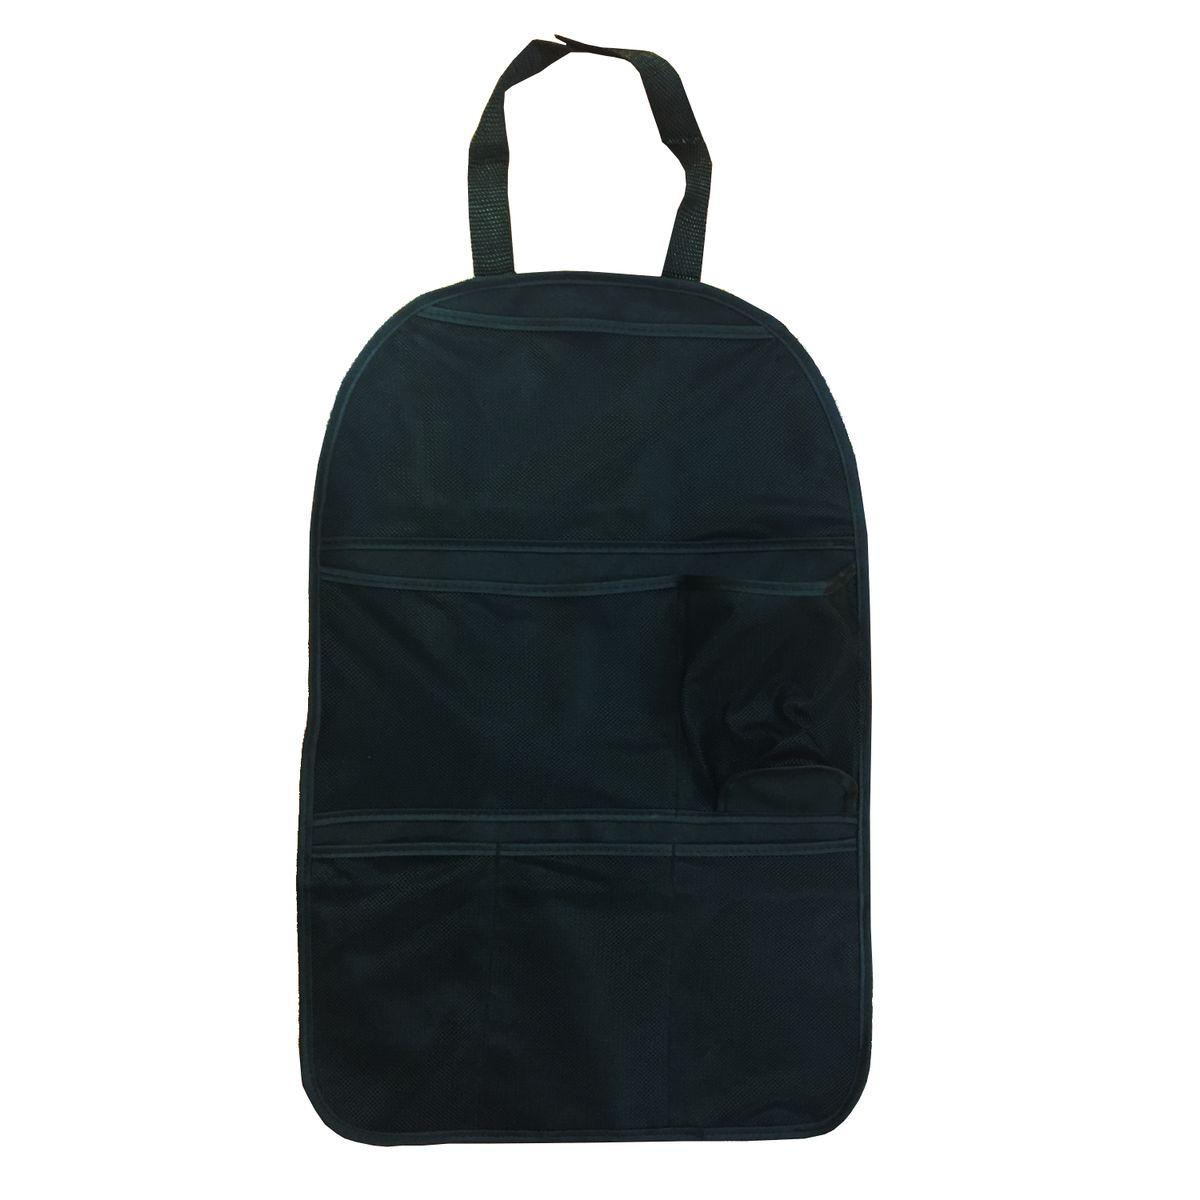 Органайзер Homsu, на спинку переднего сидения, цвет: черный, 25 x 42 см украшение декоративное homsu голова оленя 29 5 x 46 x 42 5 см